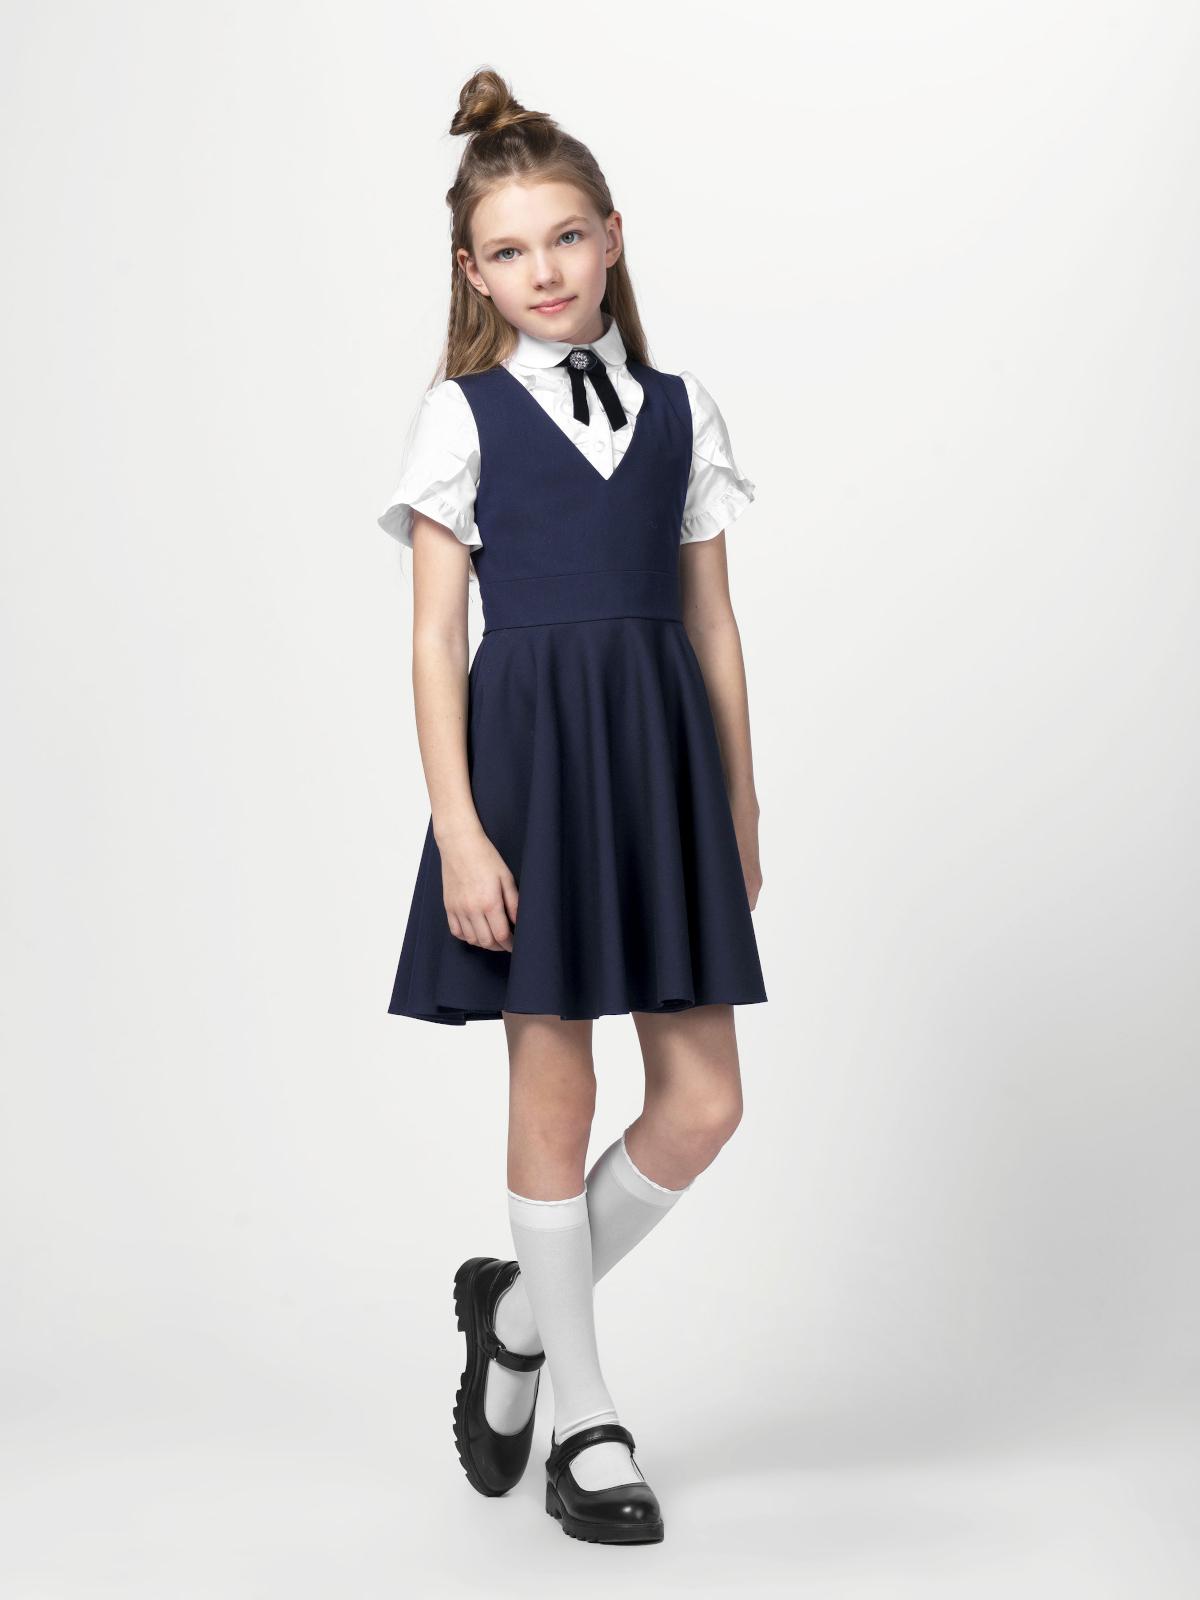 Купить 10652_plus size, Сарафан для девочек СМЕНА цв.темно-синий 10652 р.128/64, Смена, Сарафаны для девочек